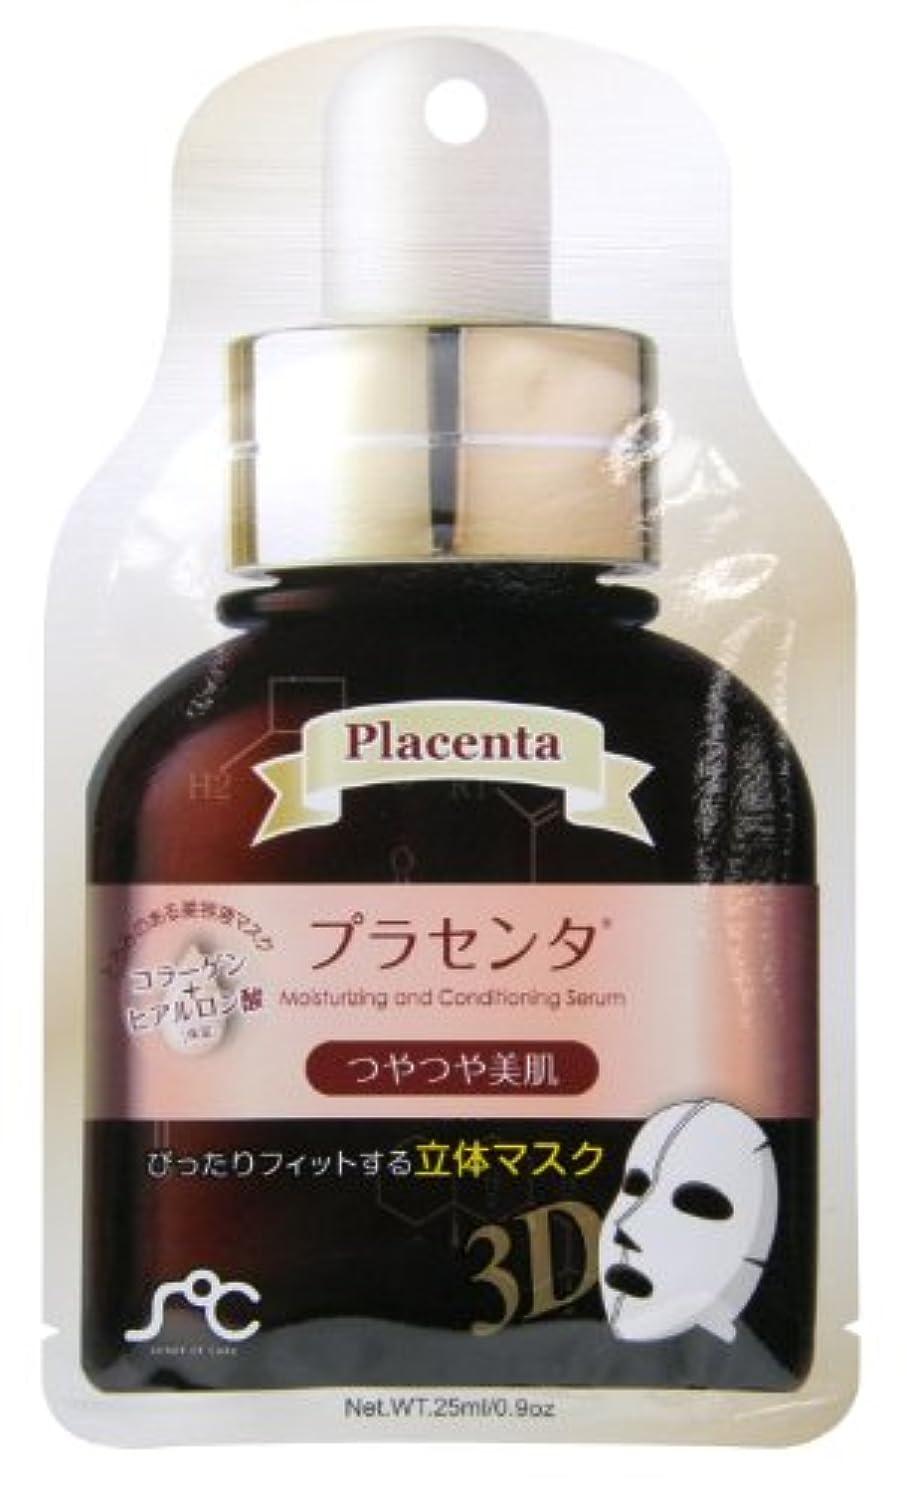 肥満省悪のSOC 3D美容液フェイスマスク プラセンタ 20個